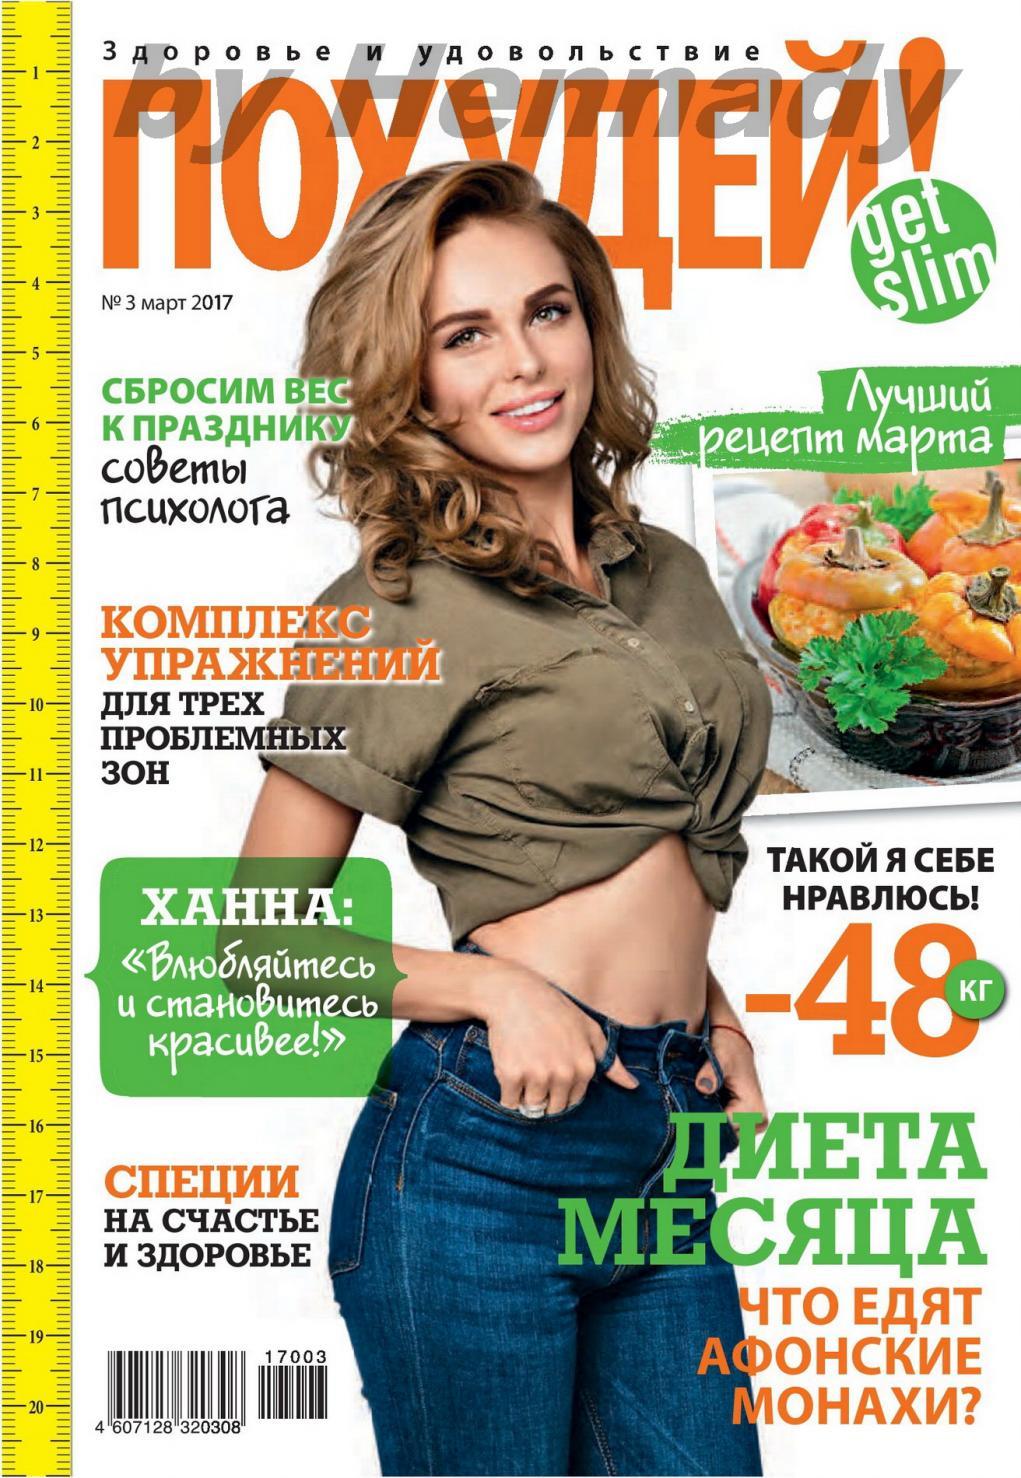 Журнал похудей декабрь 2009